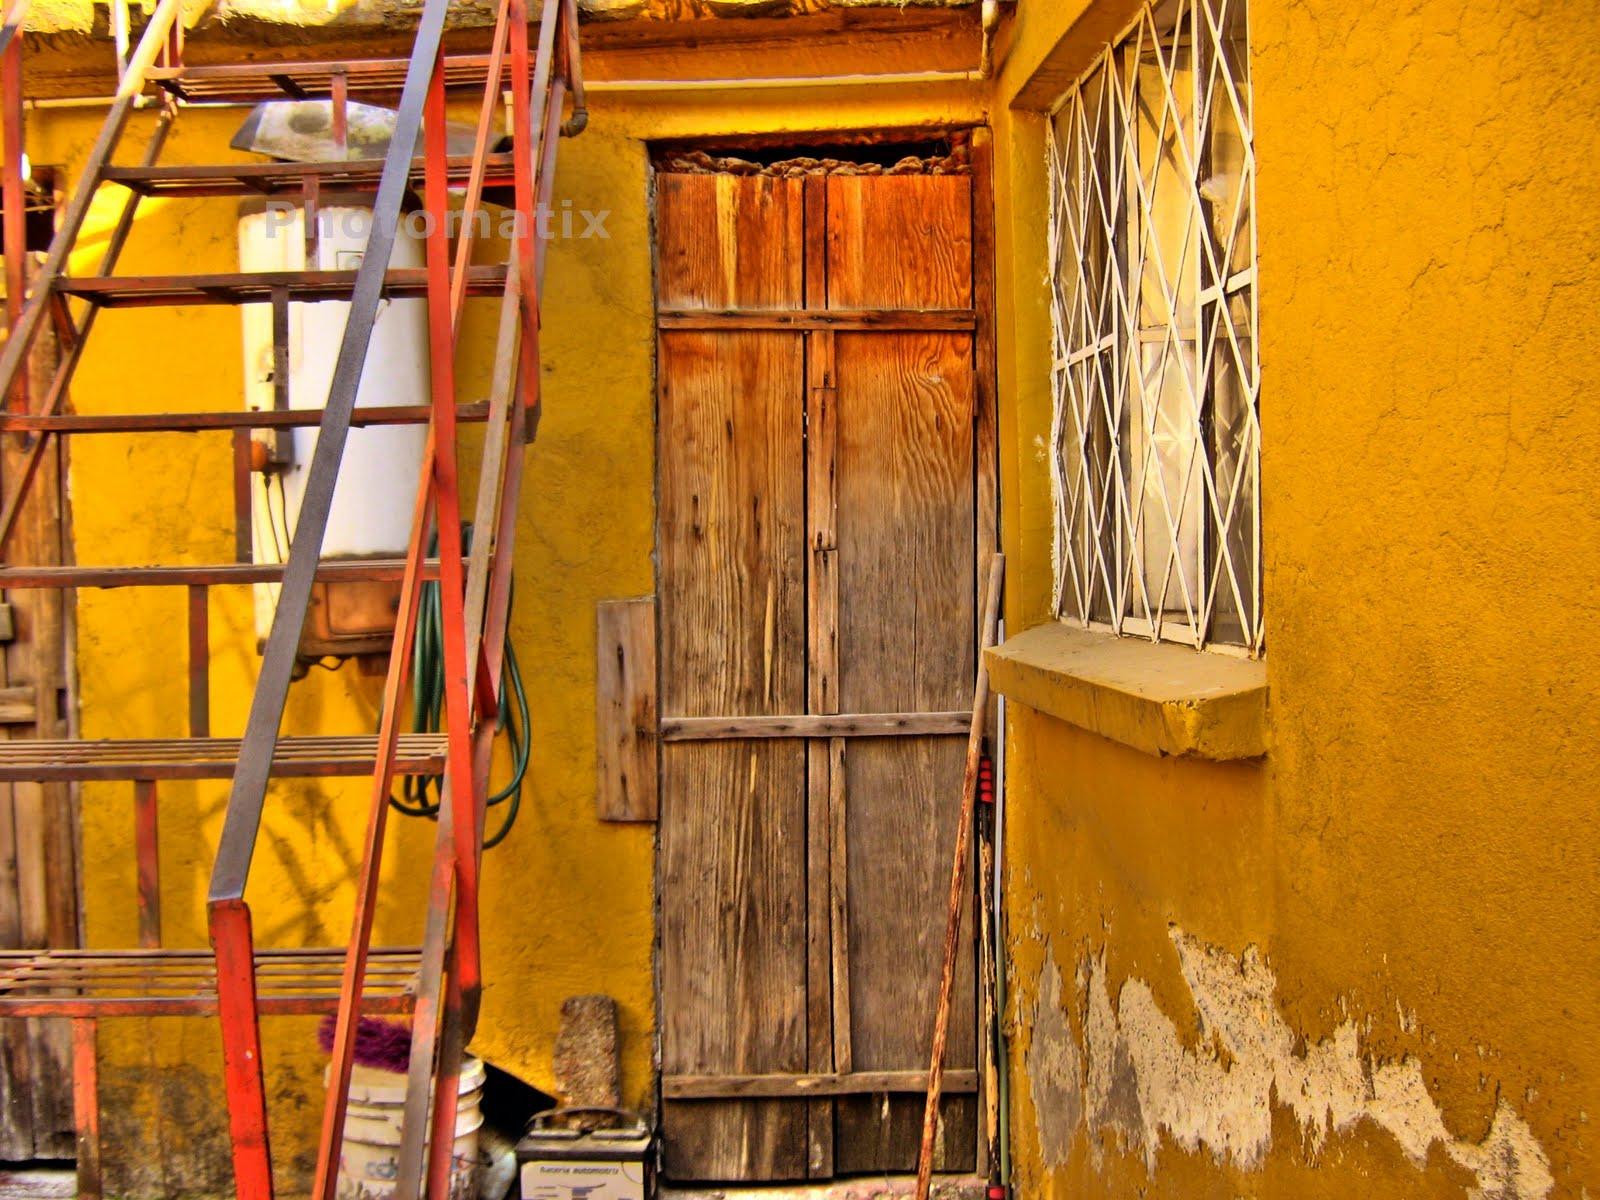 Neftalifotografia las puertas debajo de la escalera for Puertas debajo escalera